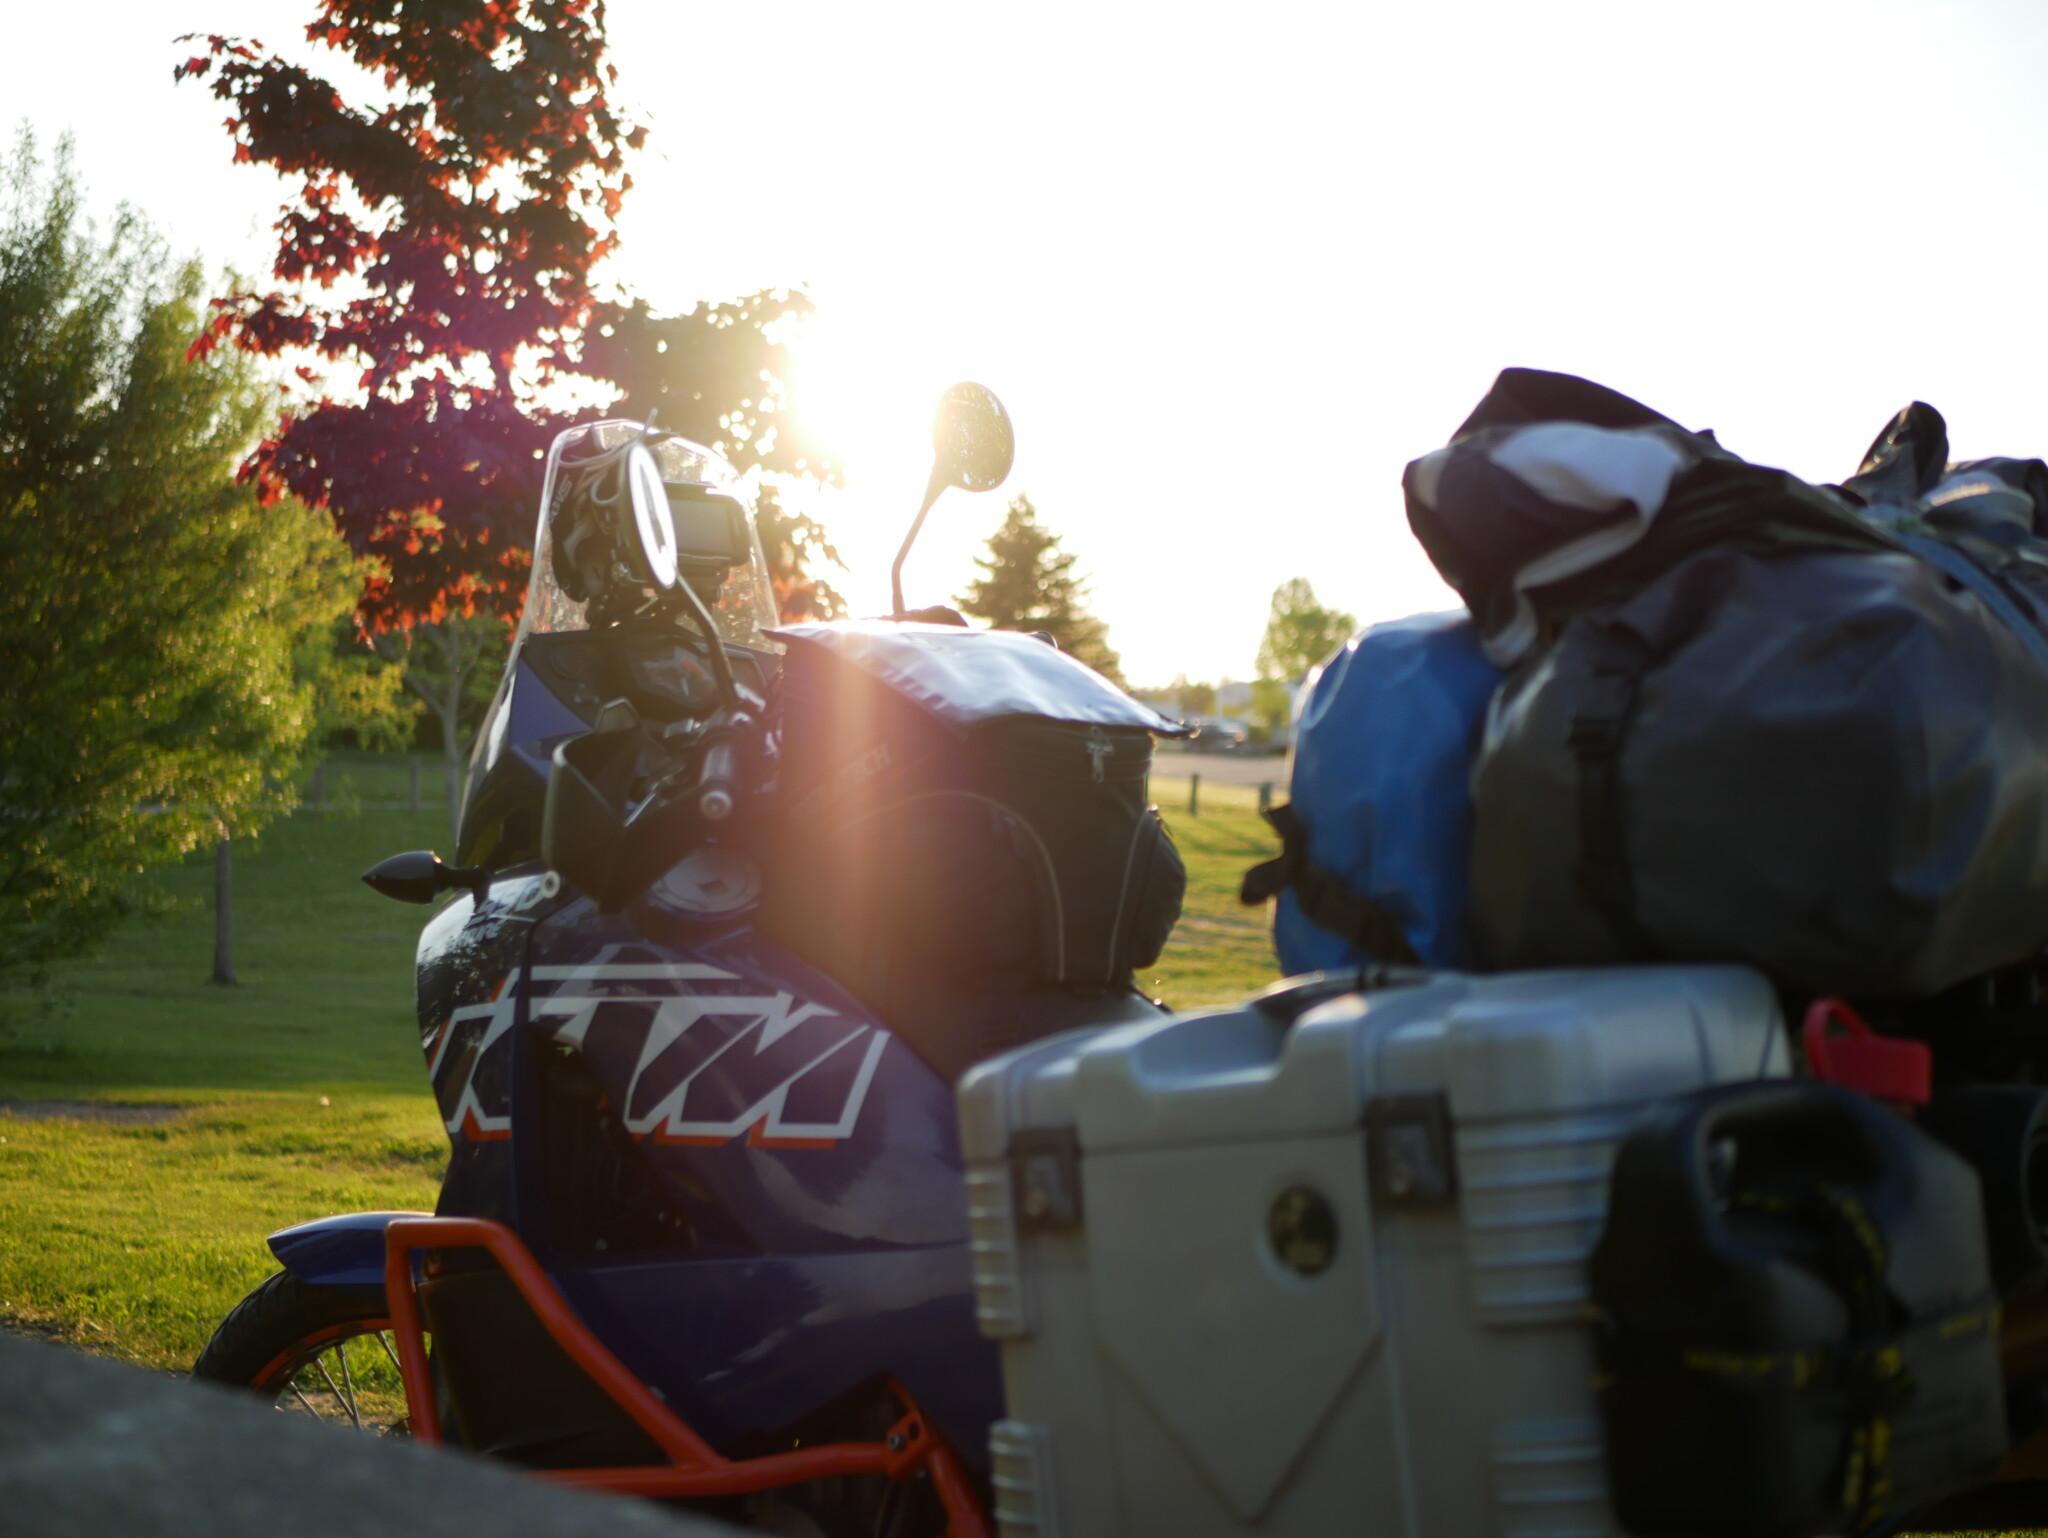 KTM bei Sonnenuntergang